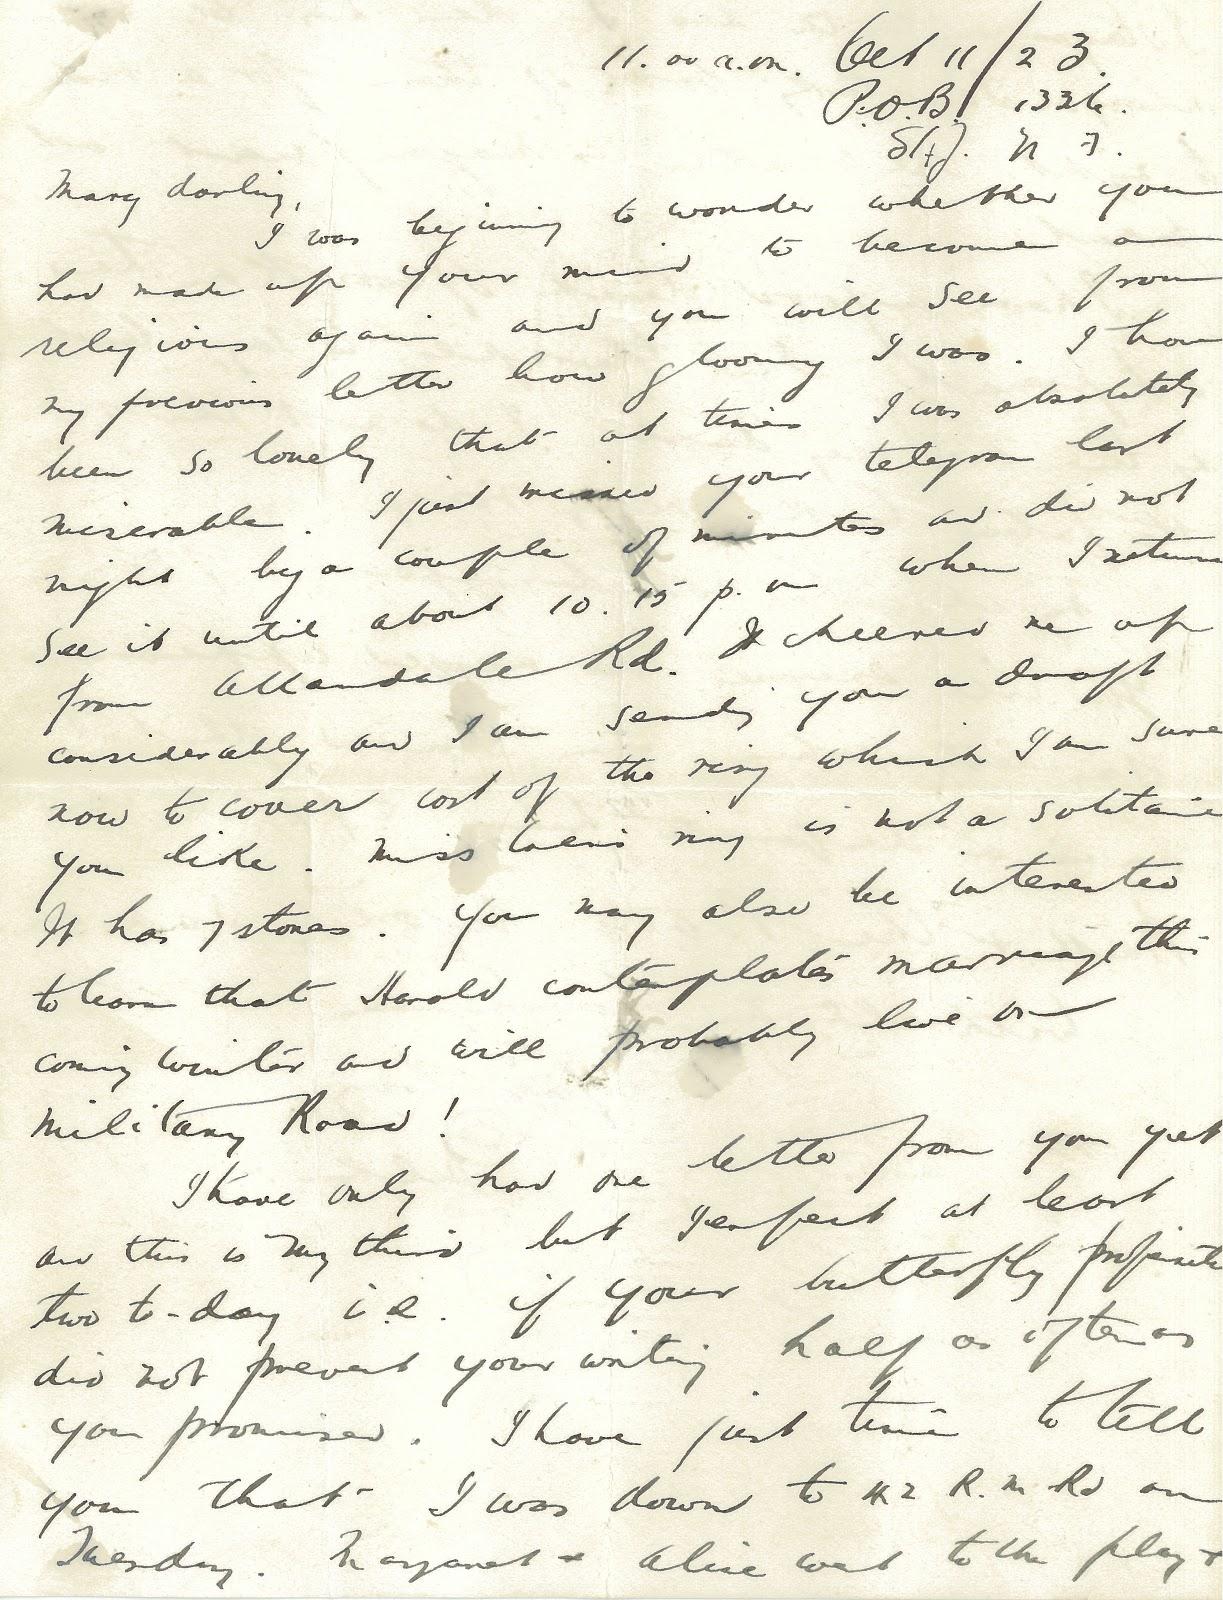 letter Bill Oct 11, 1923.jpg